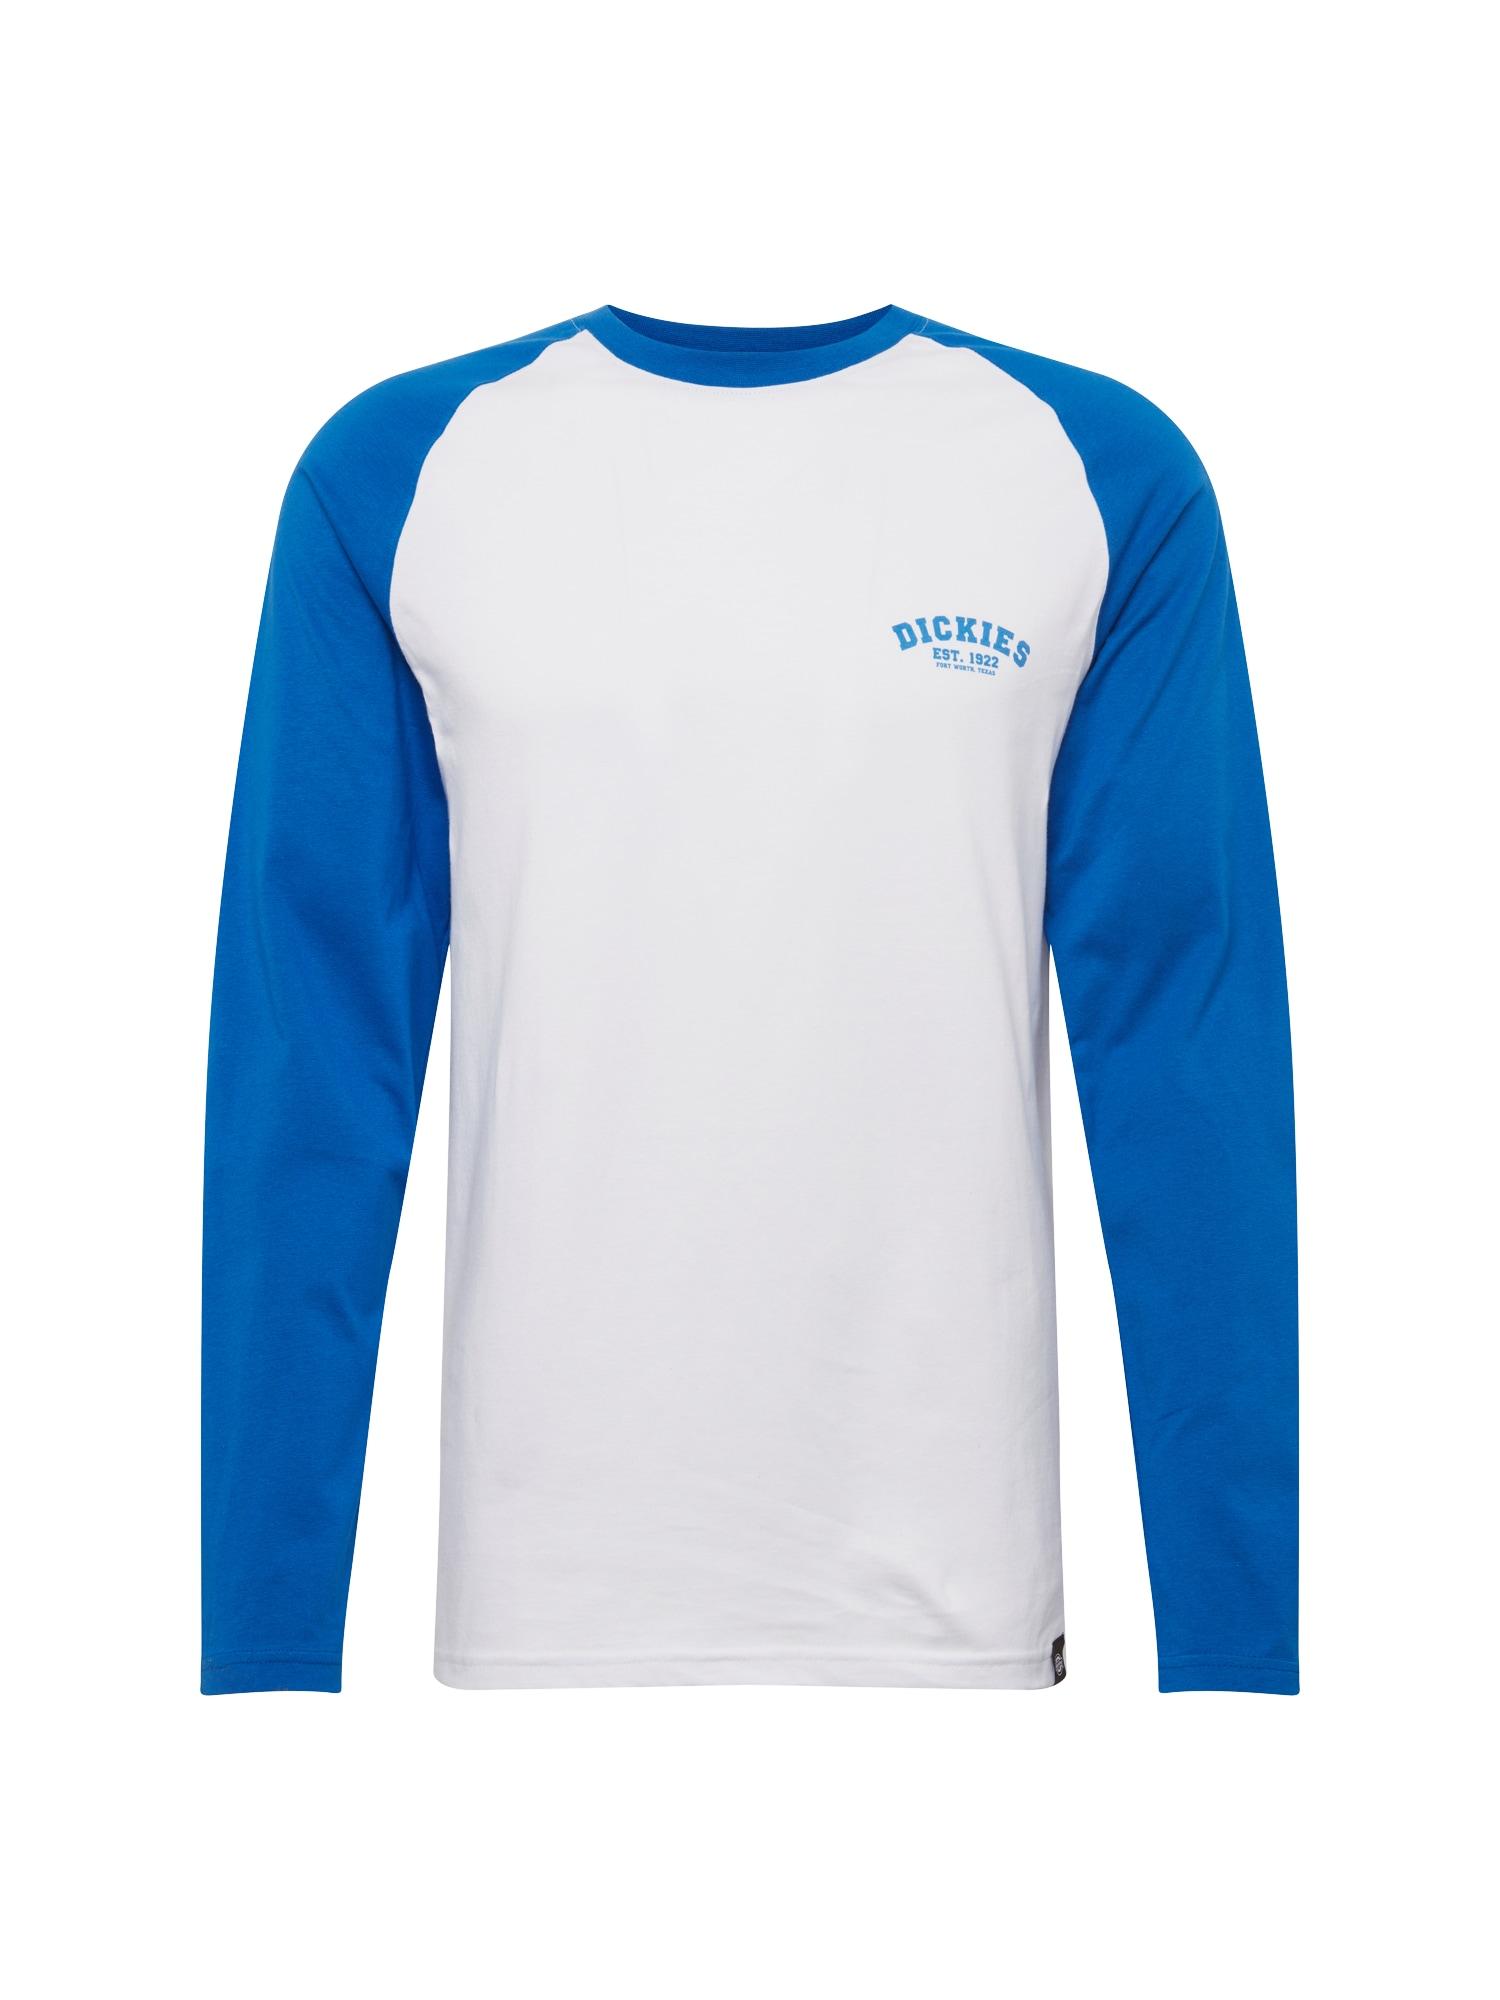 Tričko Baseball královská modrá bílá DICKIES